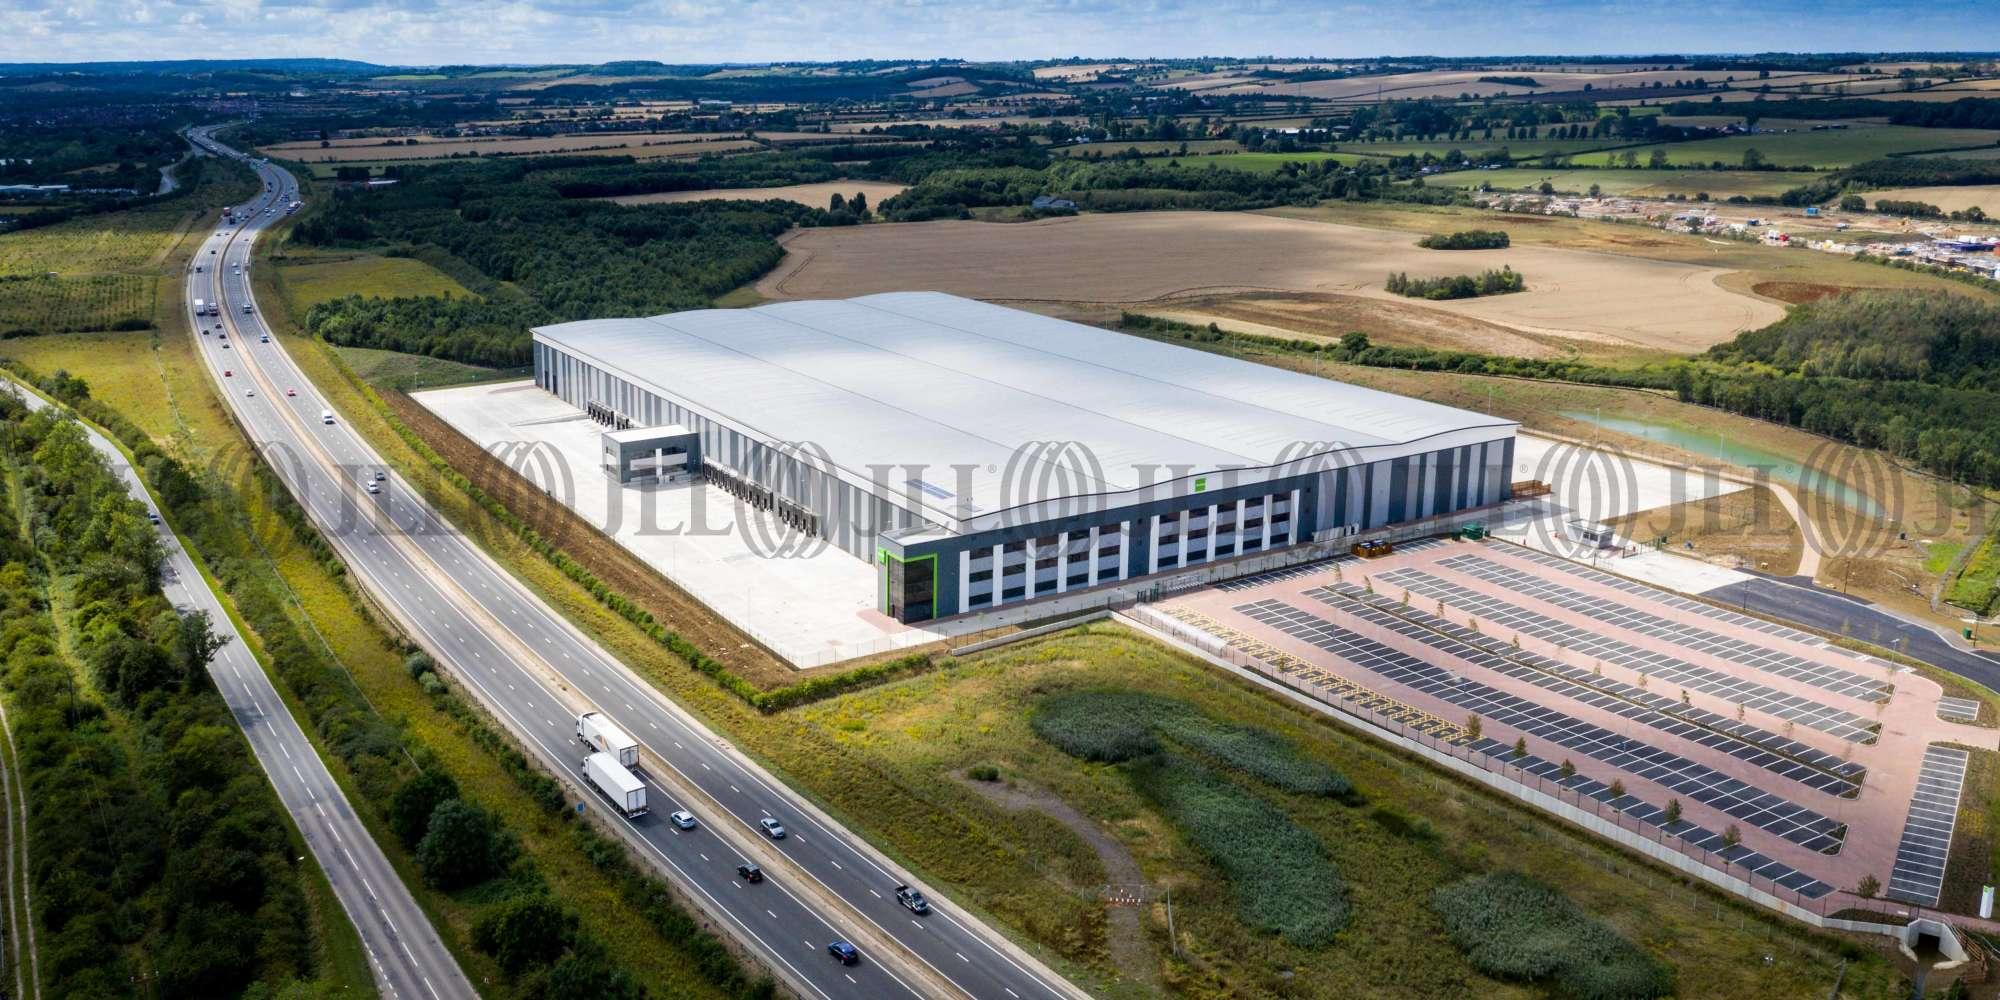 Industrial Bedford, MK43 9JH - Bedford 405